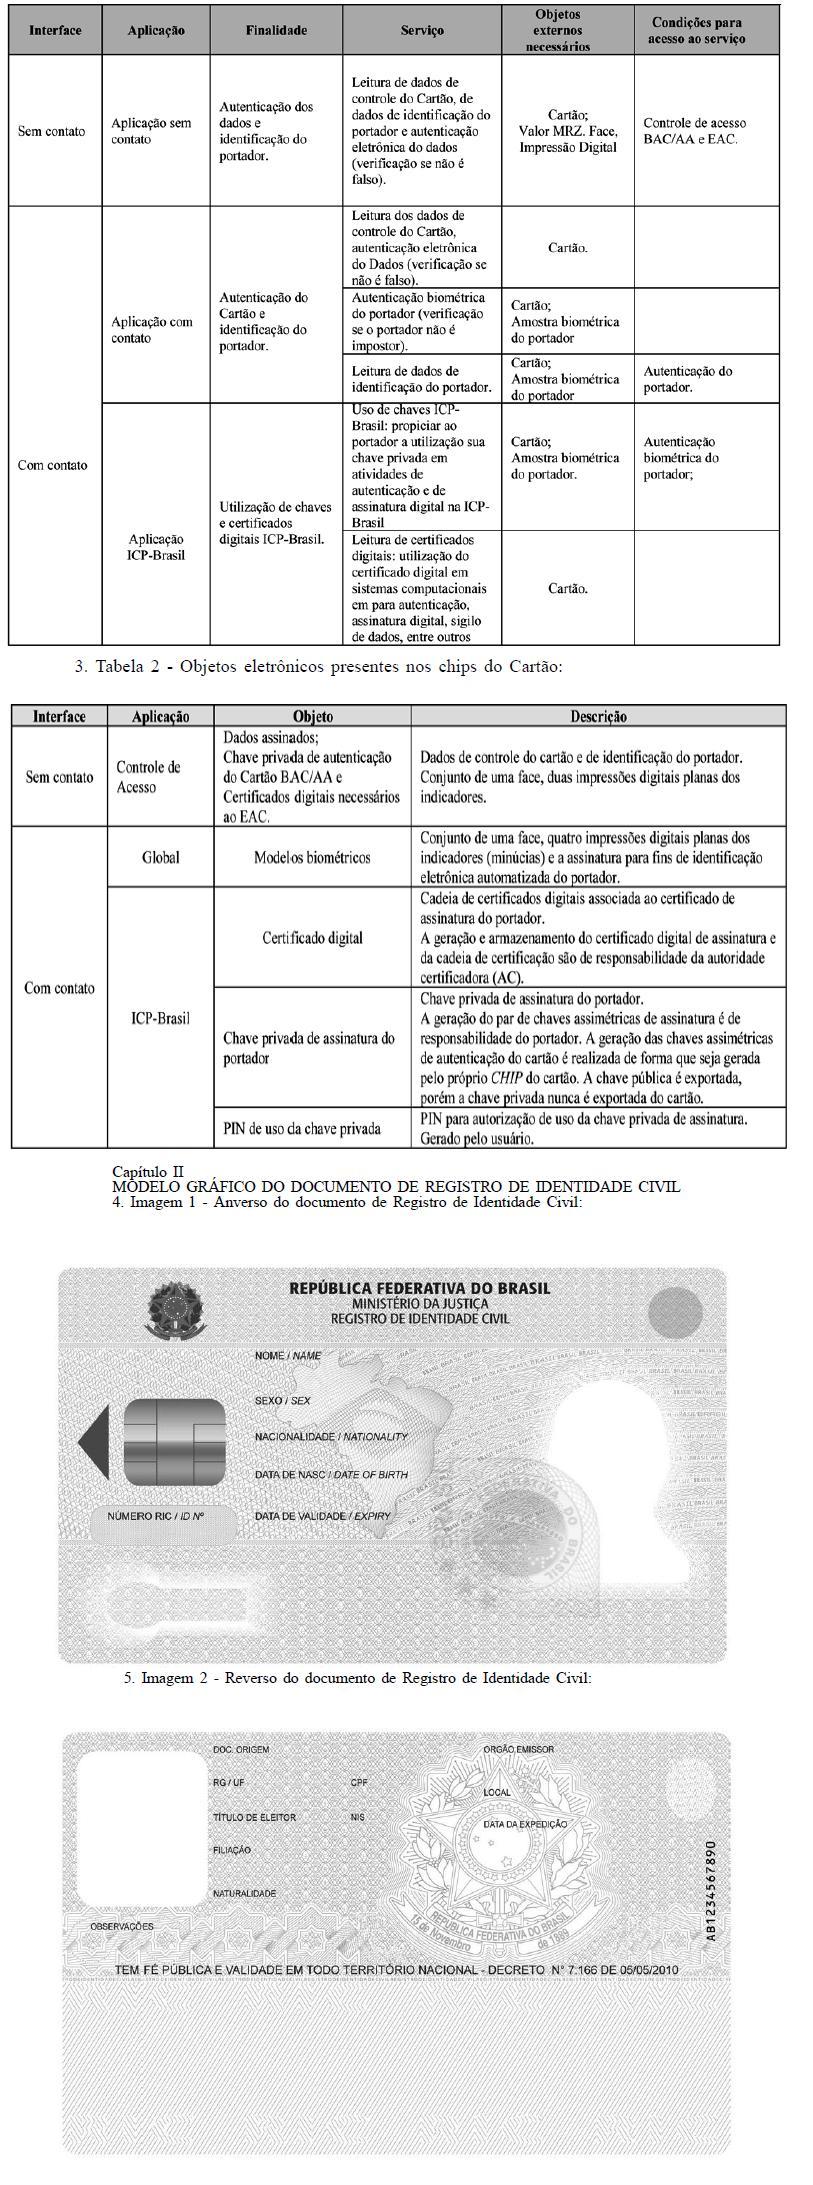 f935a9765 Justiça divulga as especificações técnicas da nova identidade civil ...